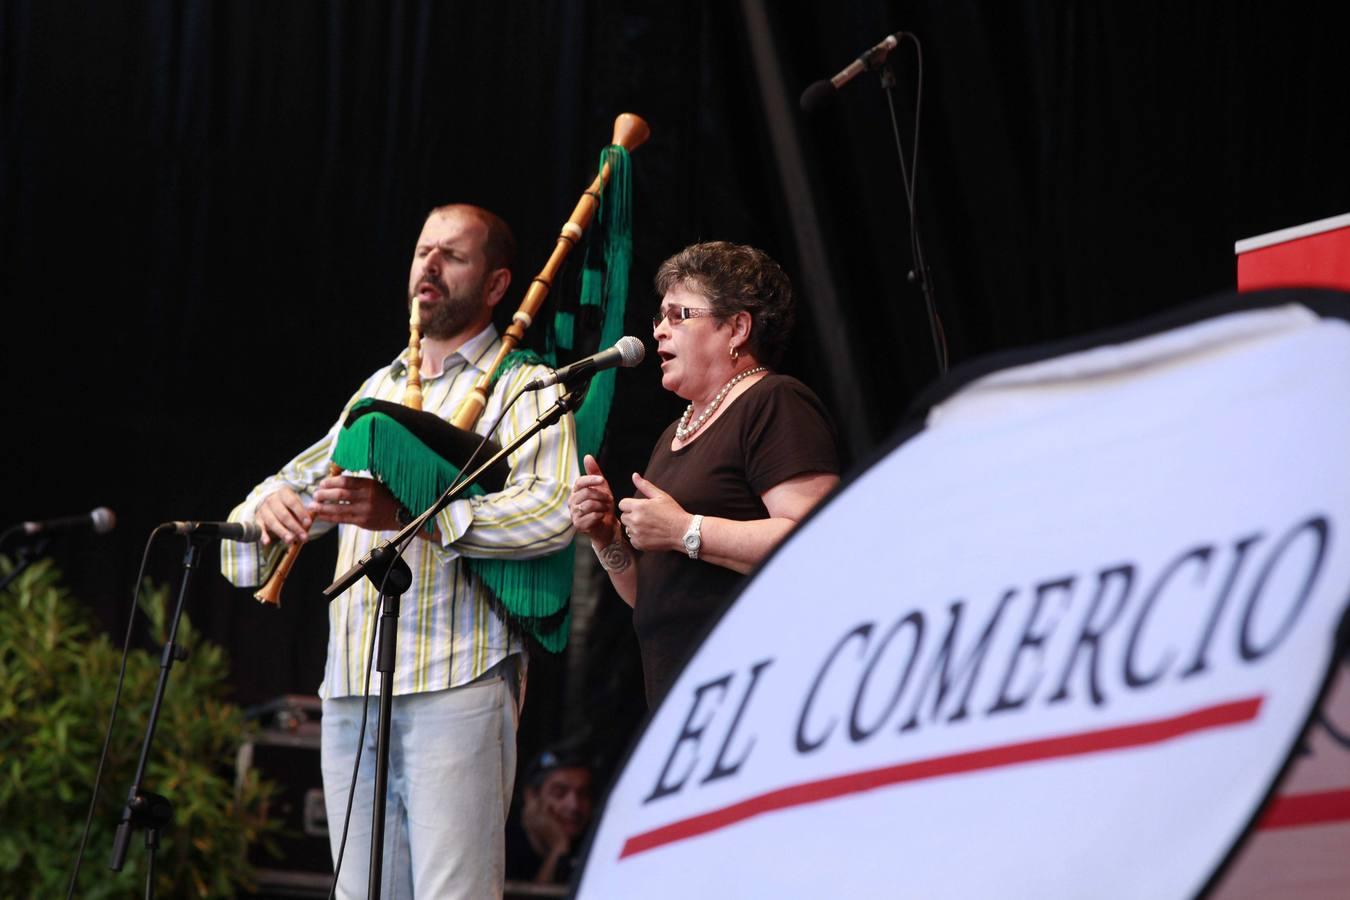 Concurso de canción asturiana del Arcu Atlánticu